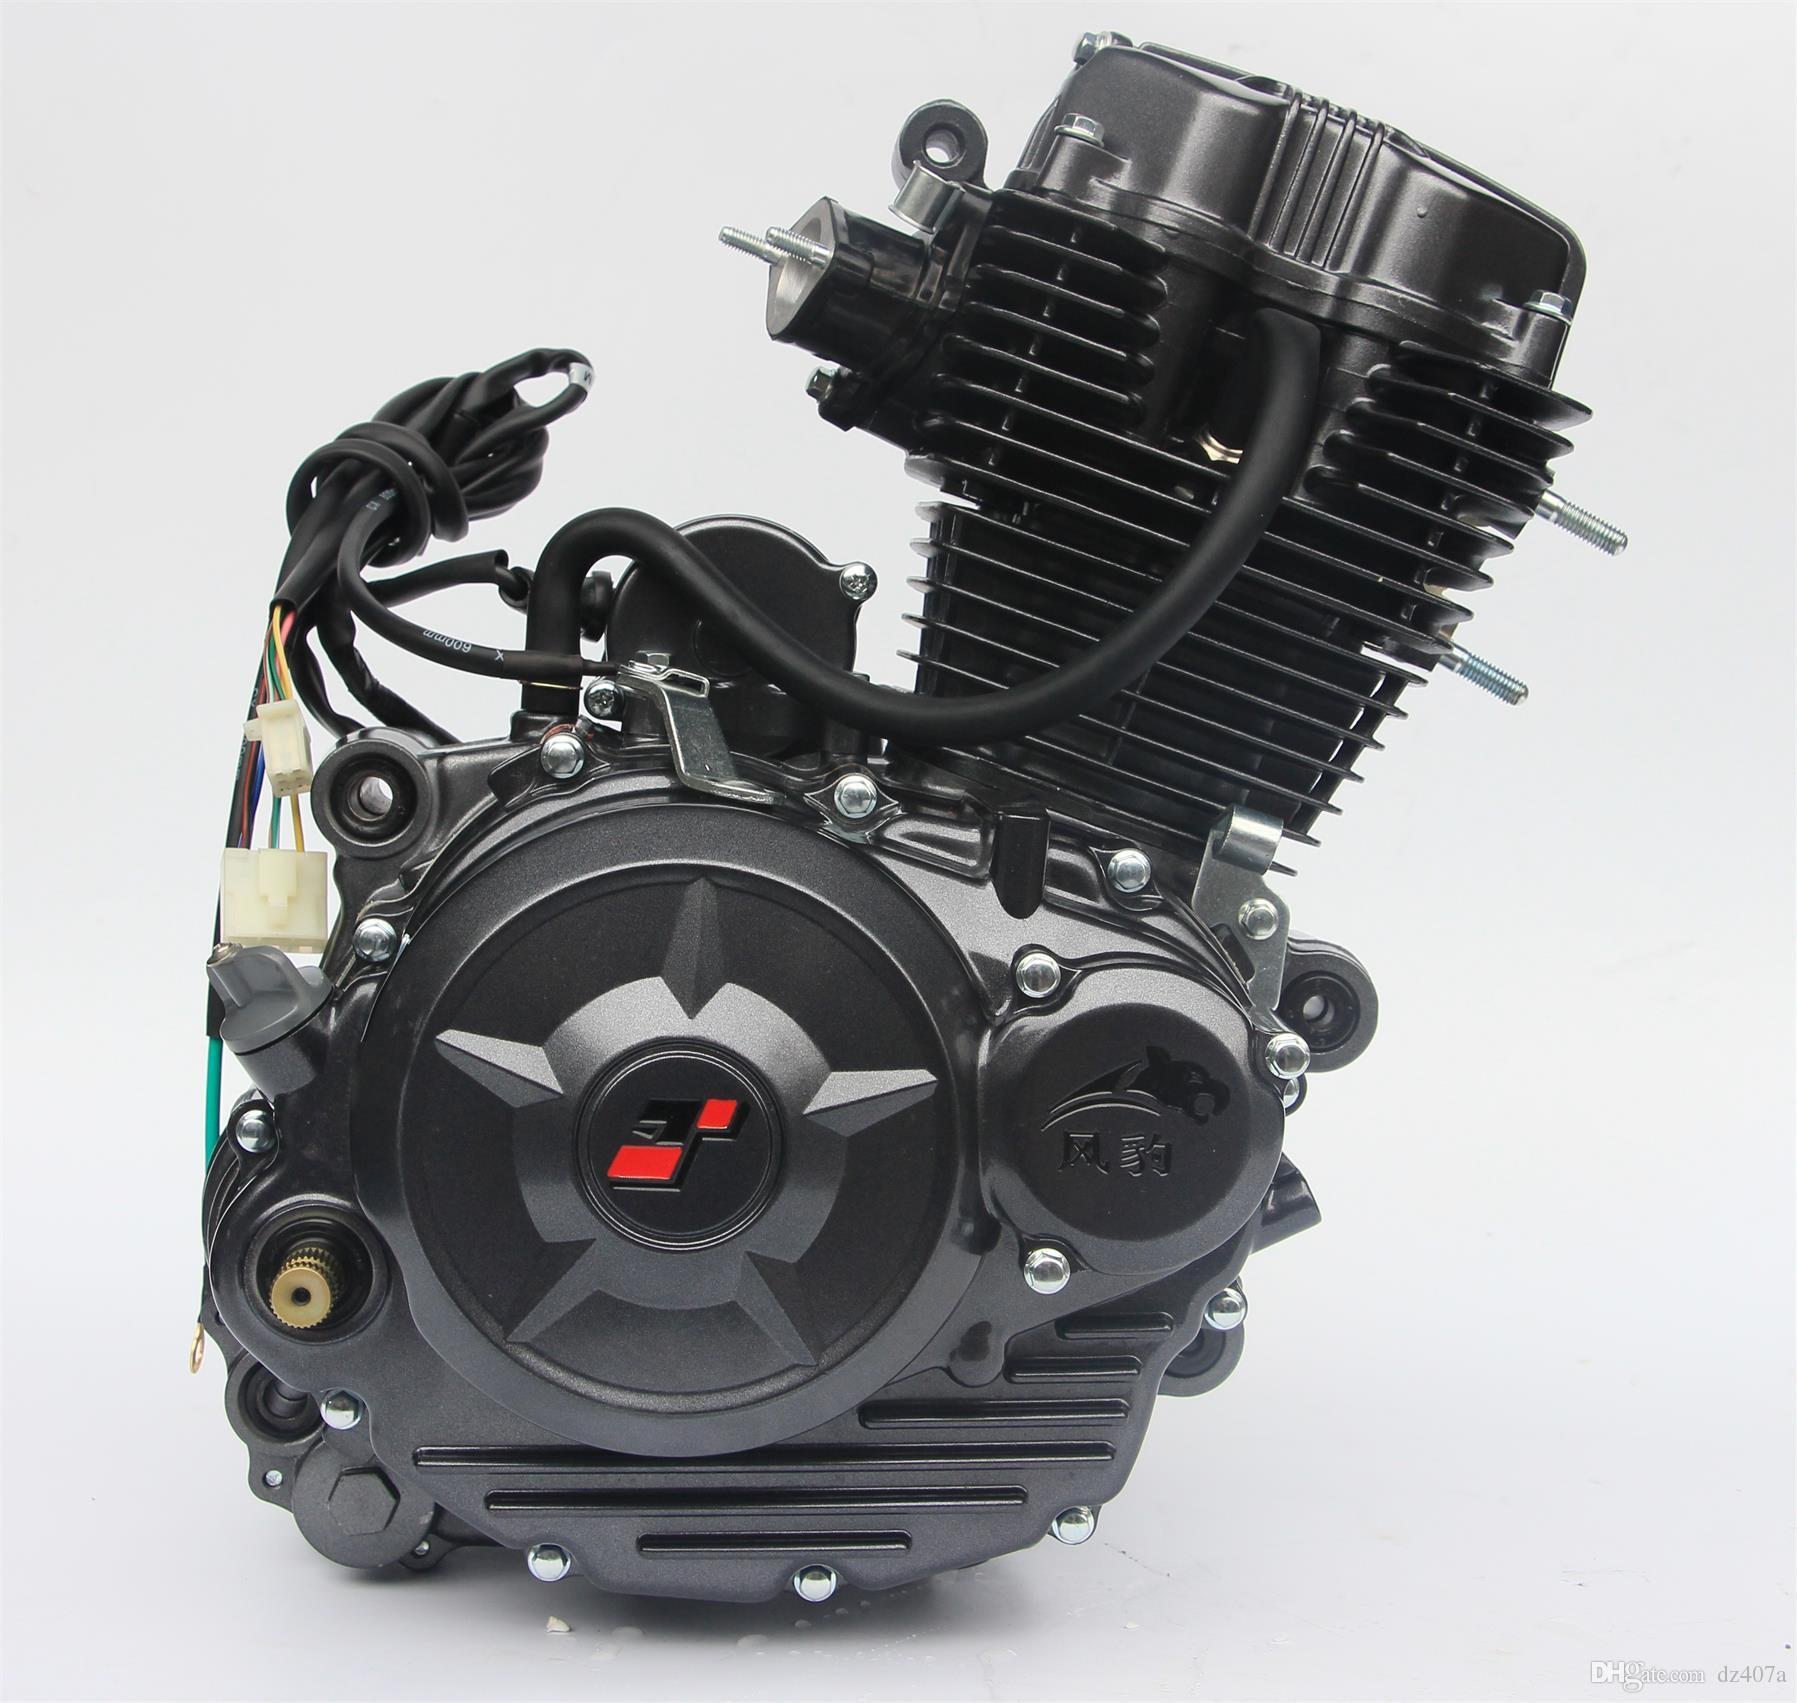 Compre 150 Ml De Alta Potência Motor Da Motocicleta, Triciclo, Motocicleta  Pode Ser Usado  Carburador, Componentes Do Braço Inicial, Etc De Dz407a,